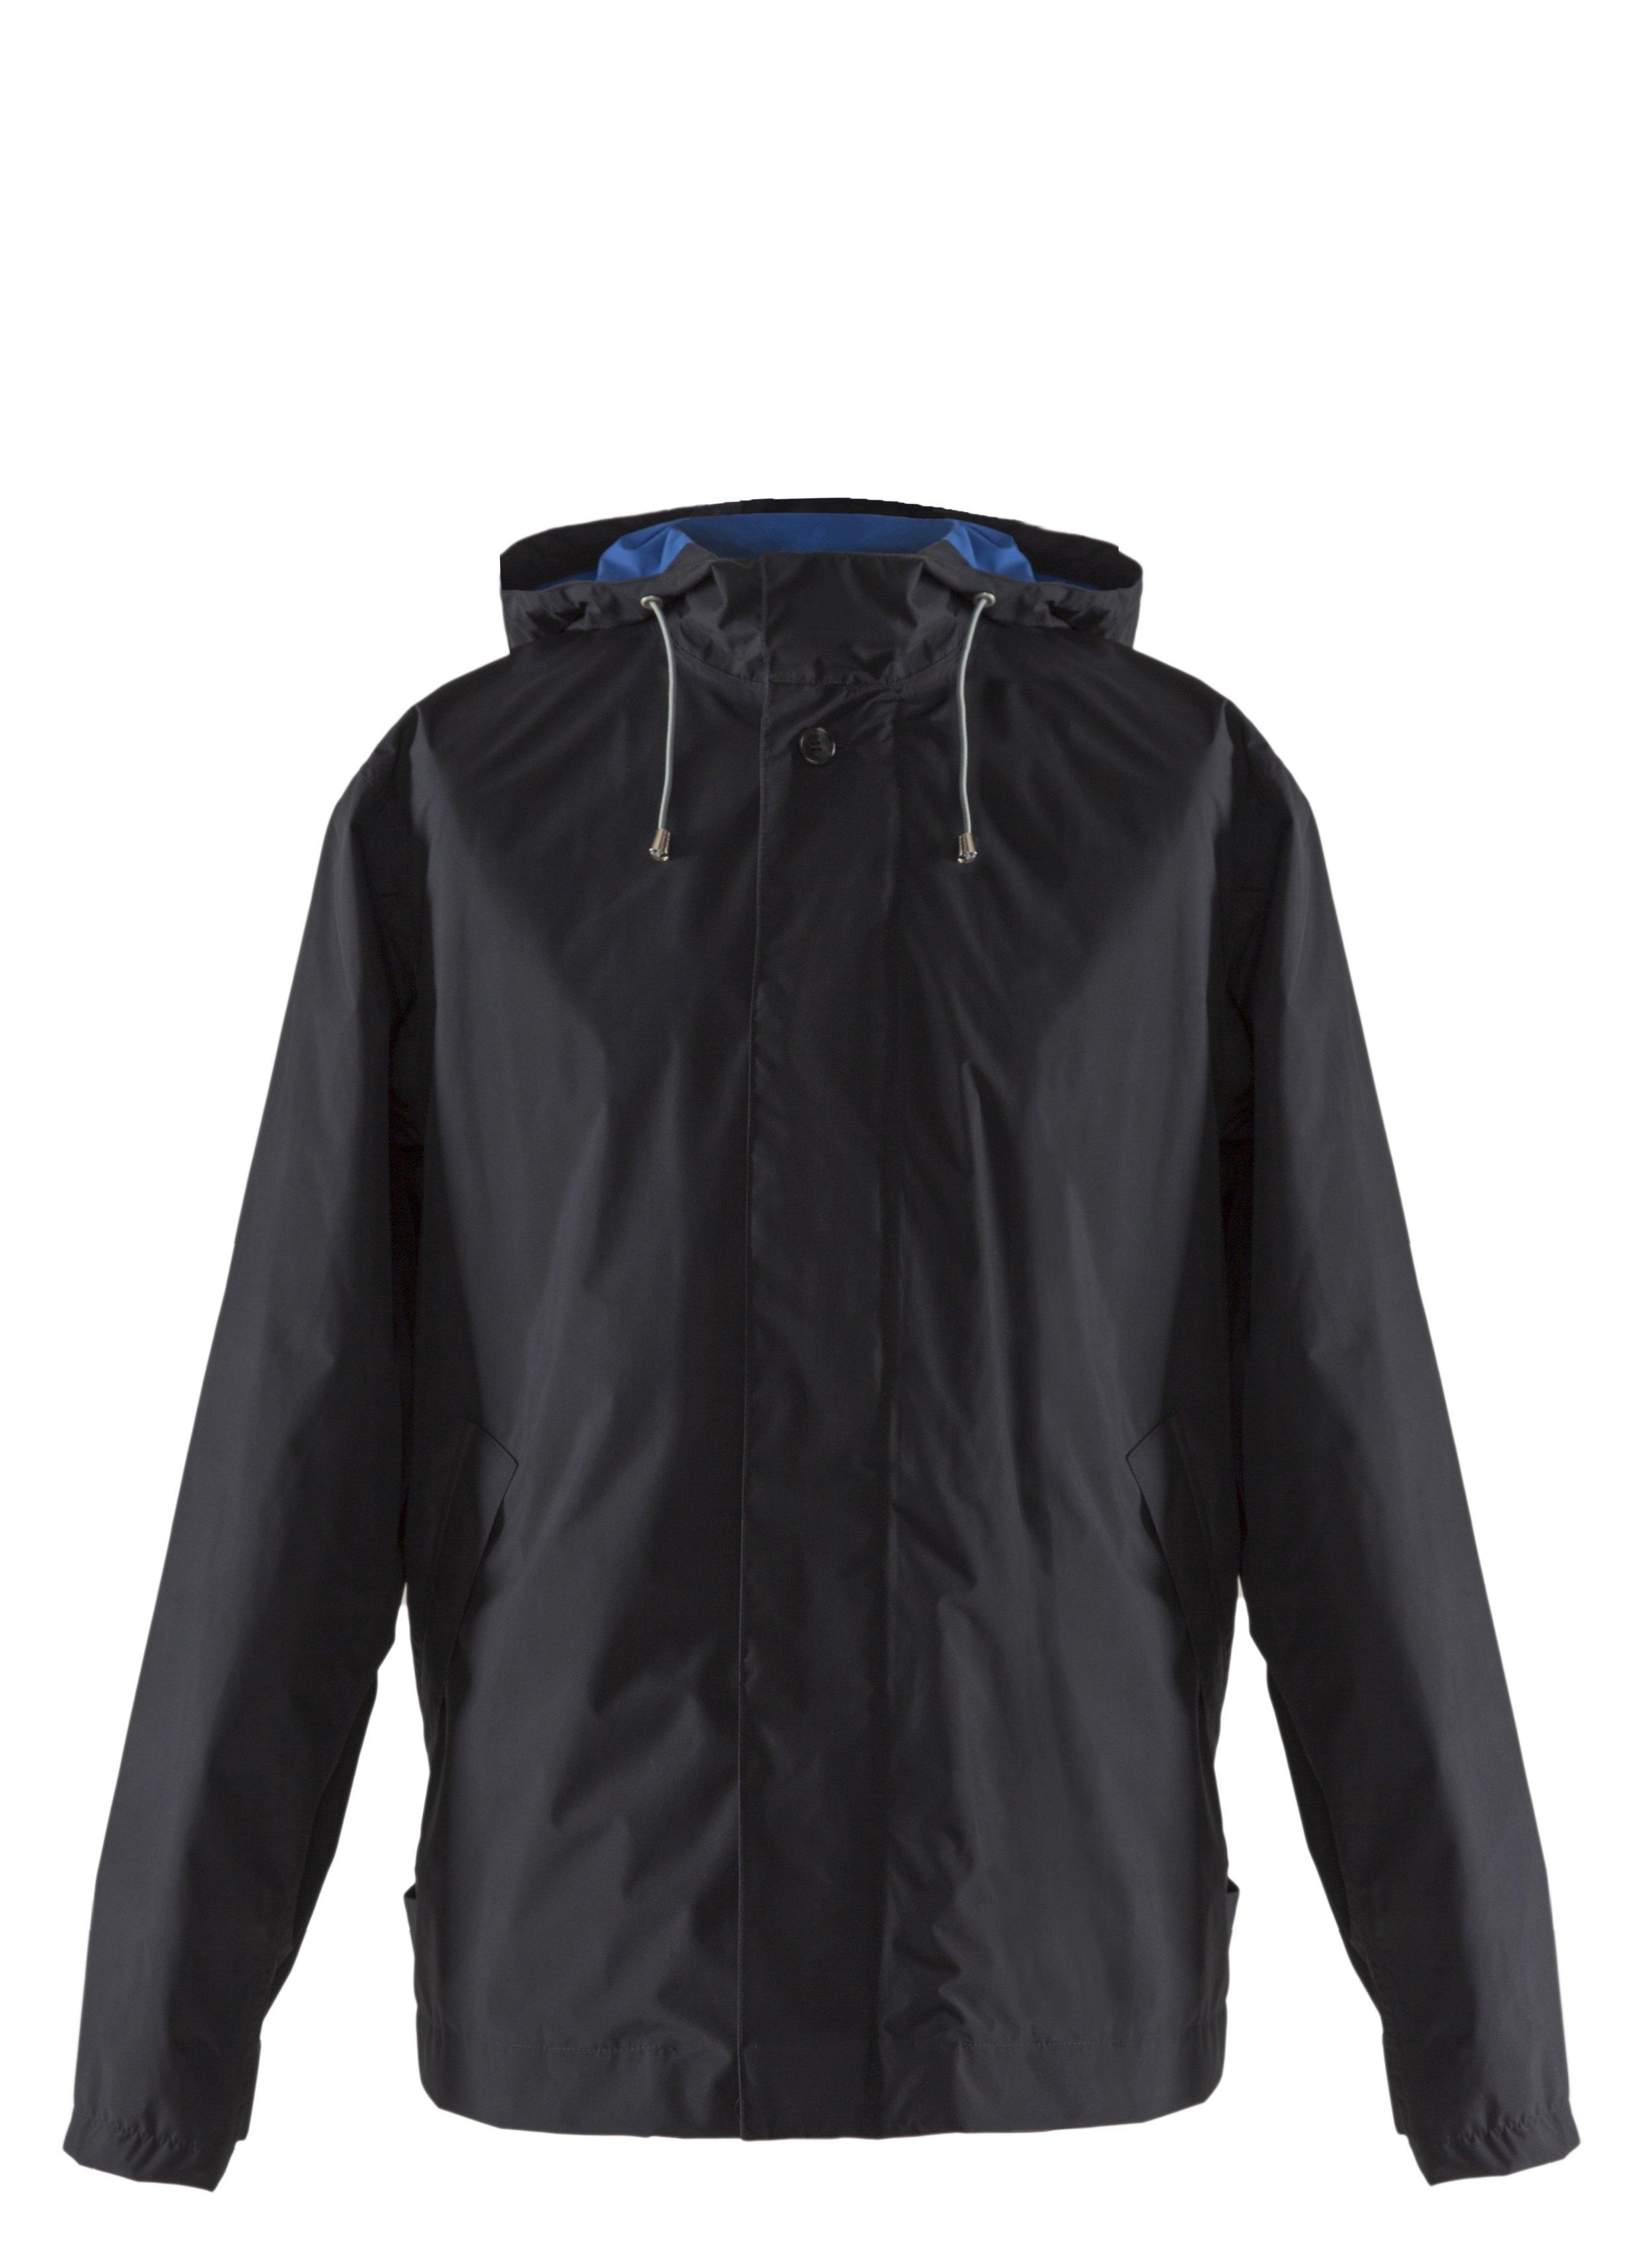 V2 - 1 Jacket Front.jpg